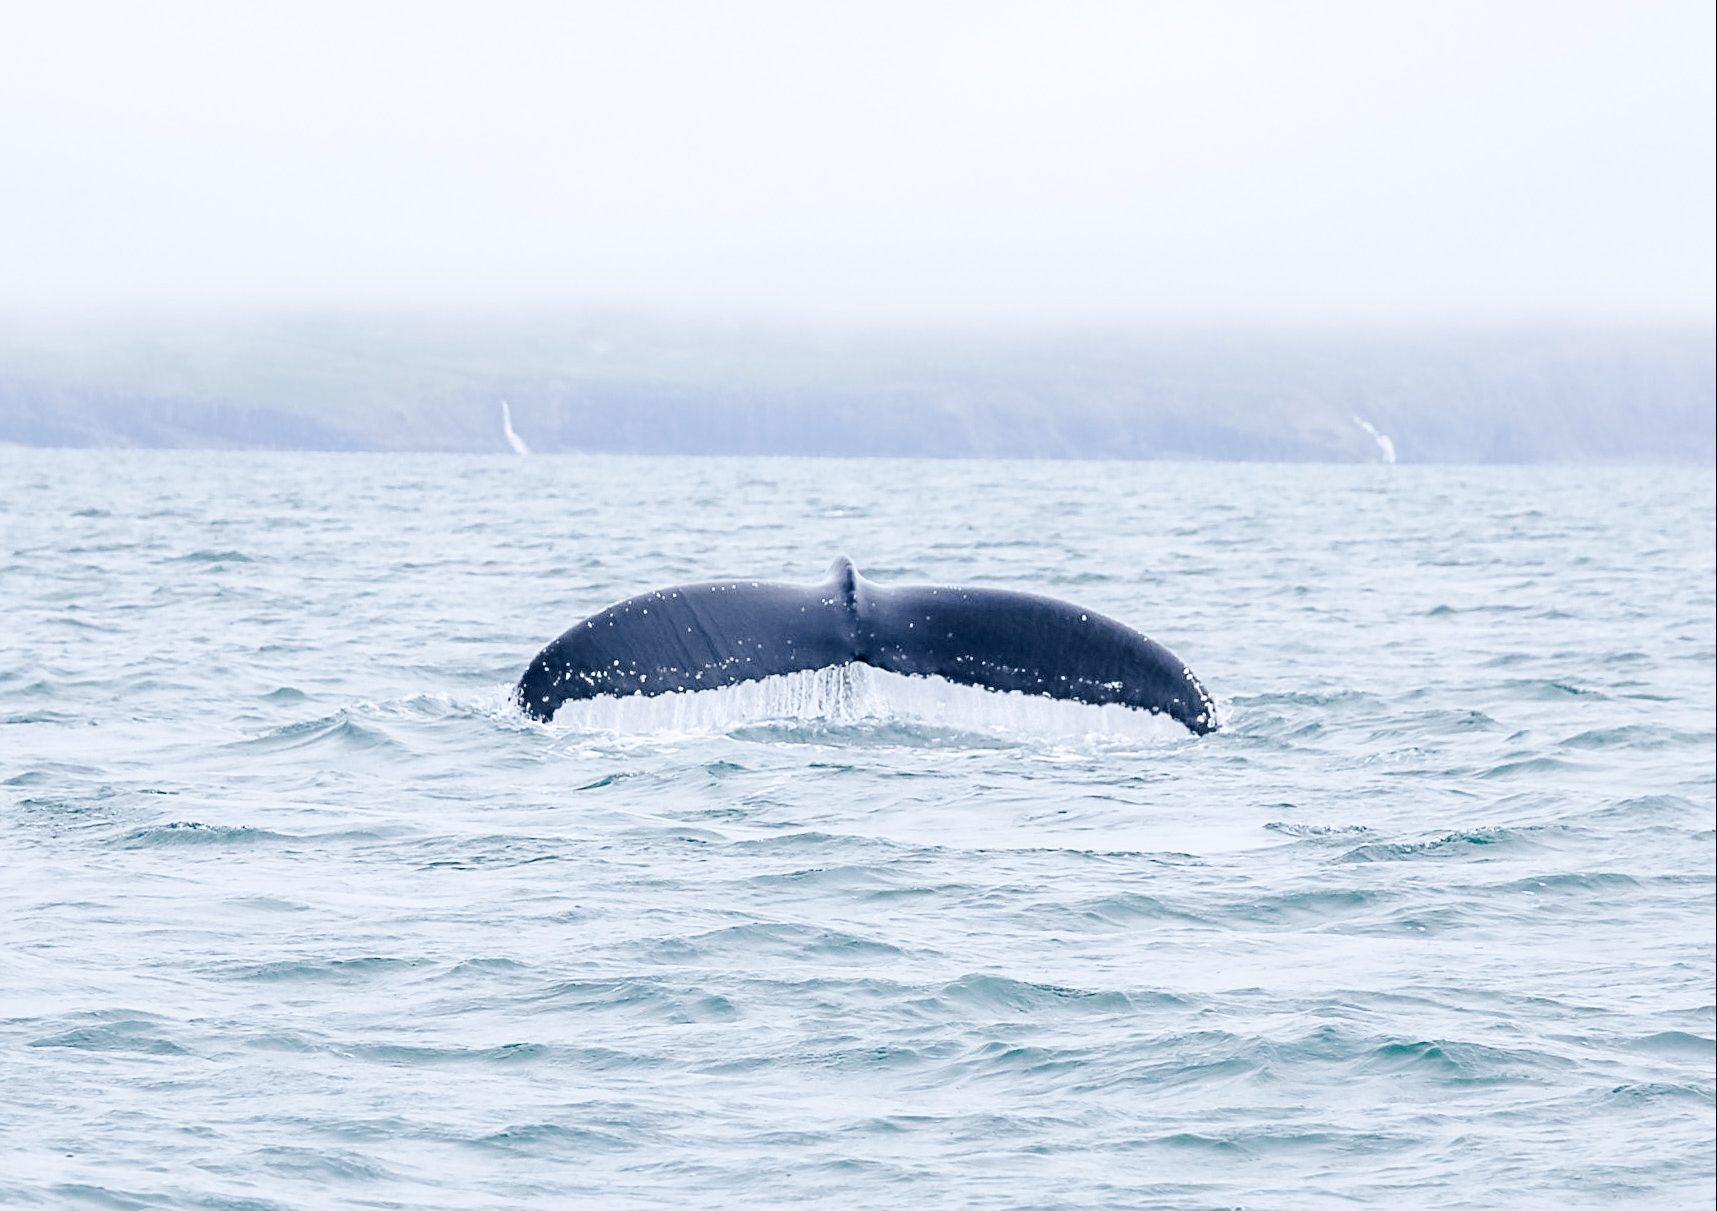 Whale Iceland Reisblondie